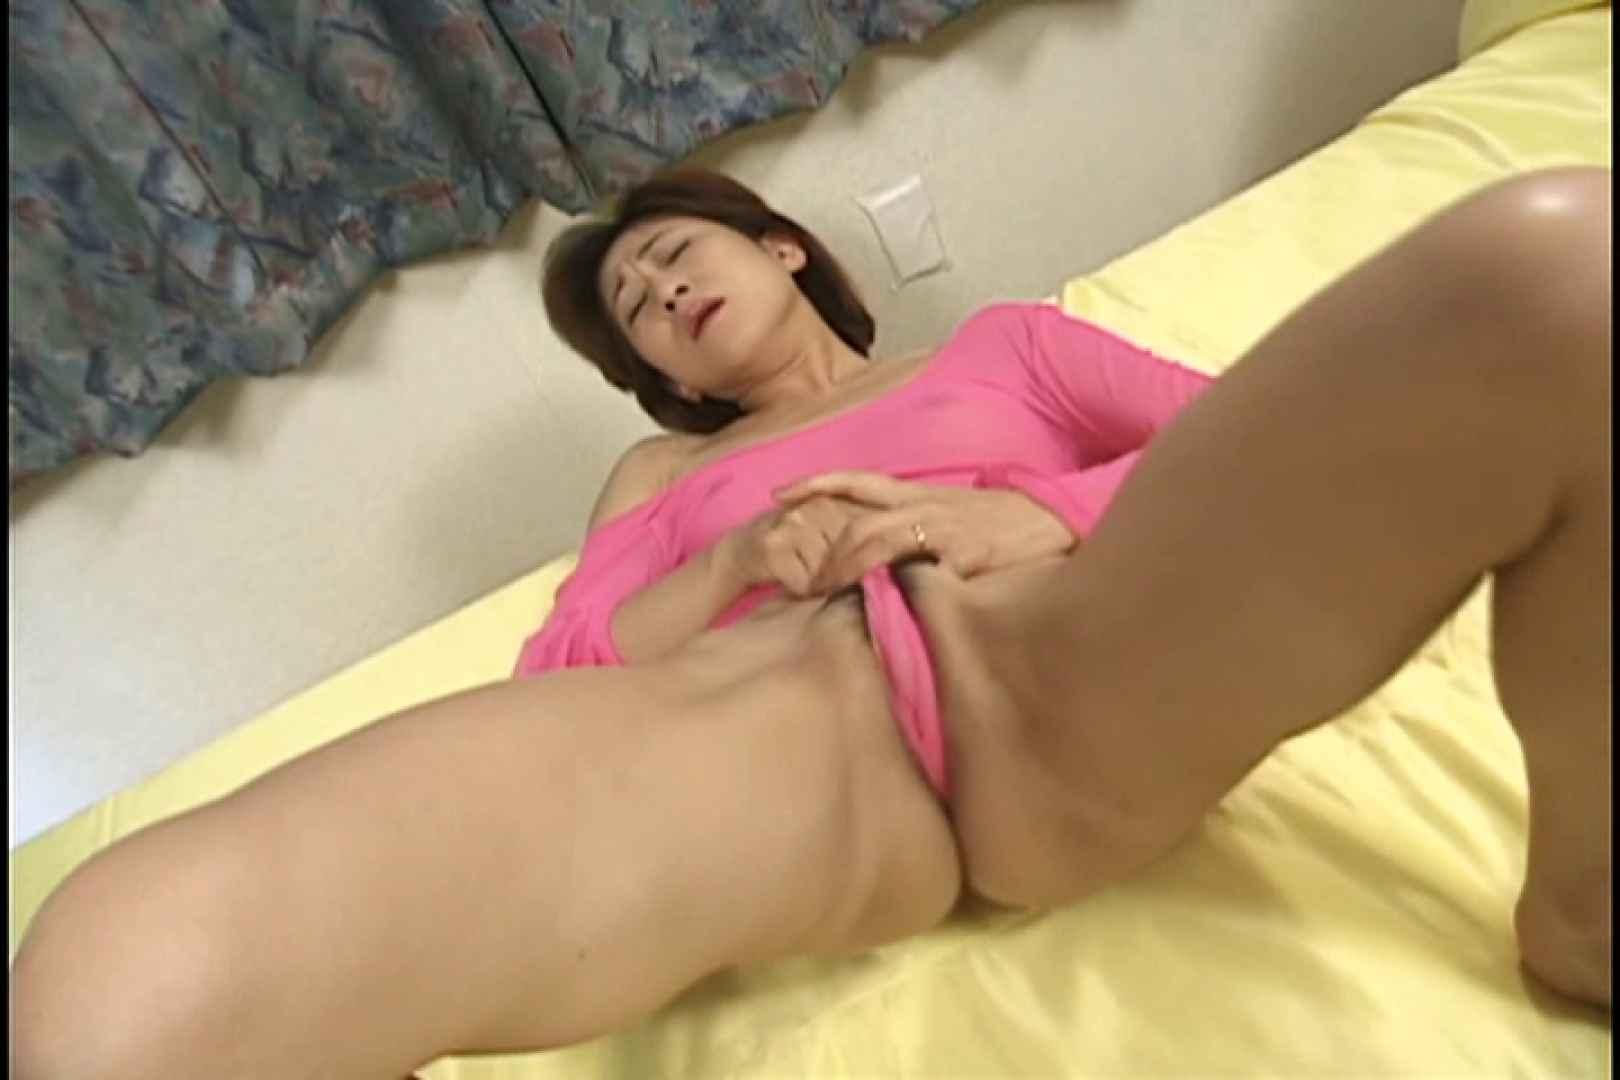 昼間の奥様は欲求不満 ~幸田みゆき~ SEX映像 | エッチすぎる熟女  92連発 40